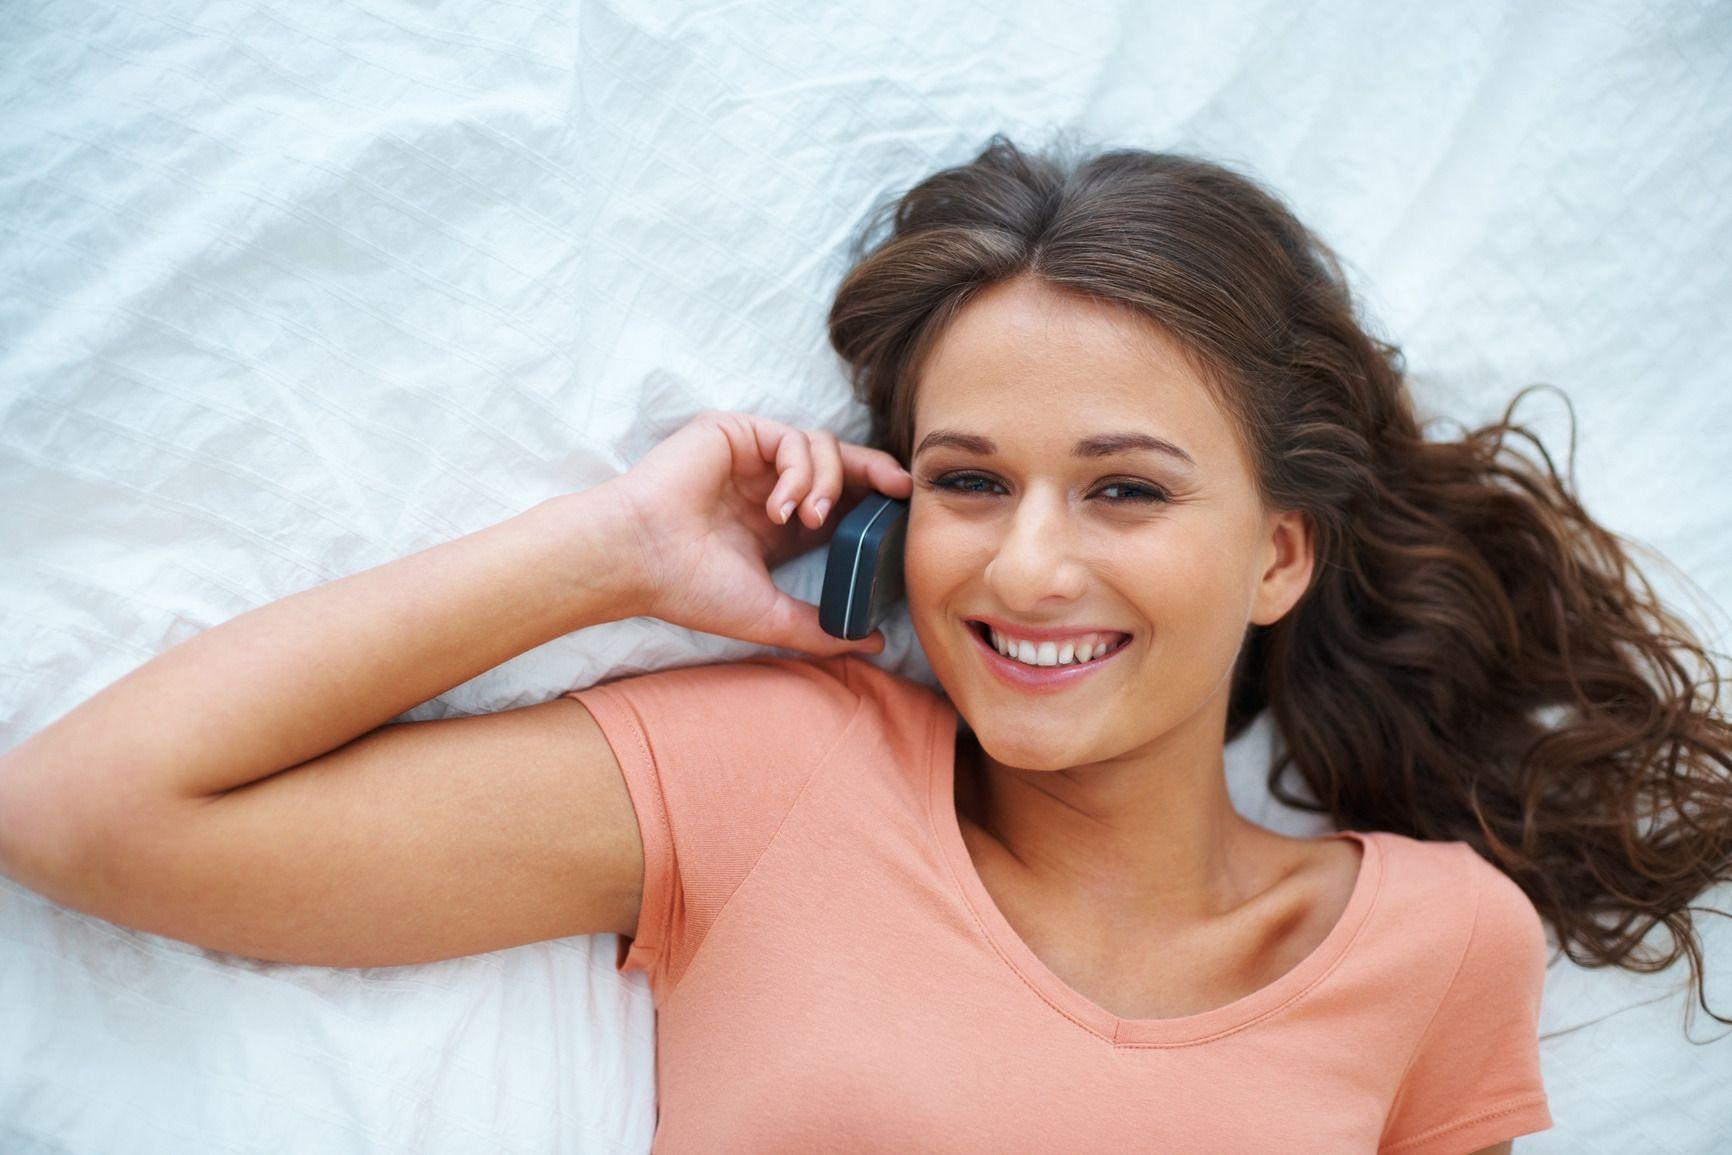 I cellulari fanno male?